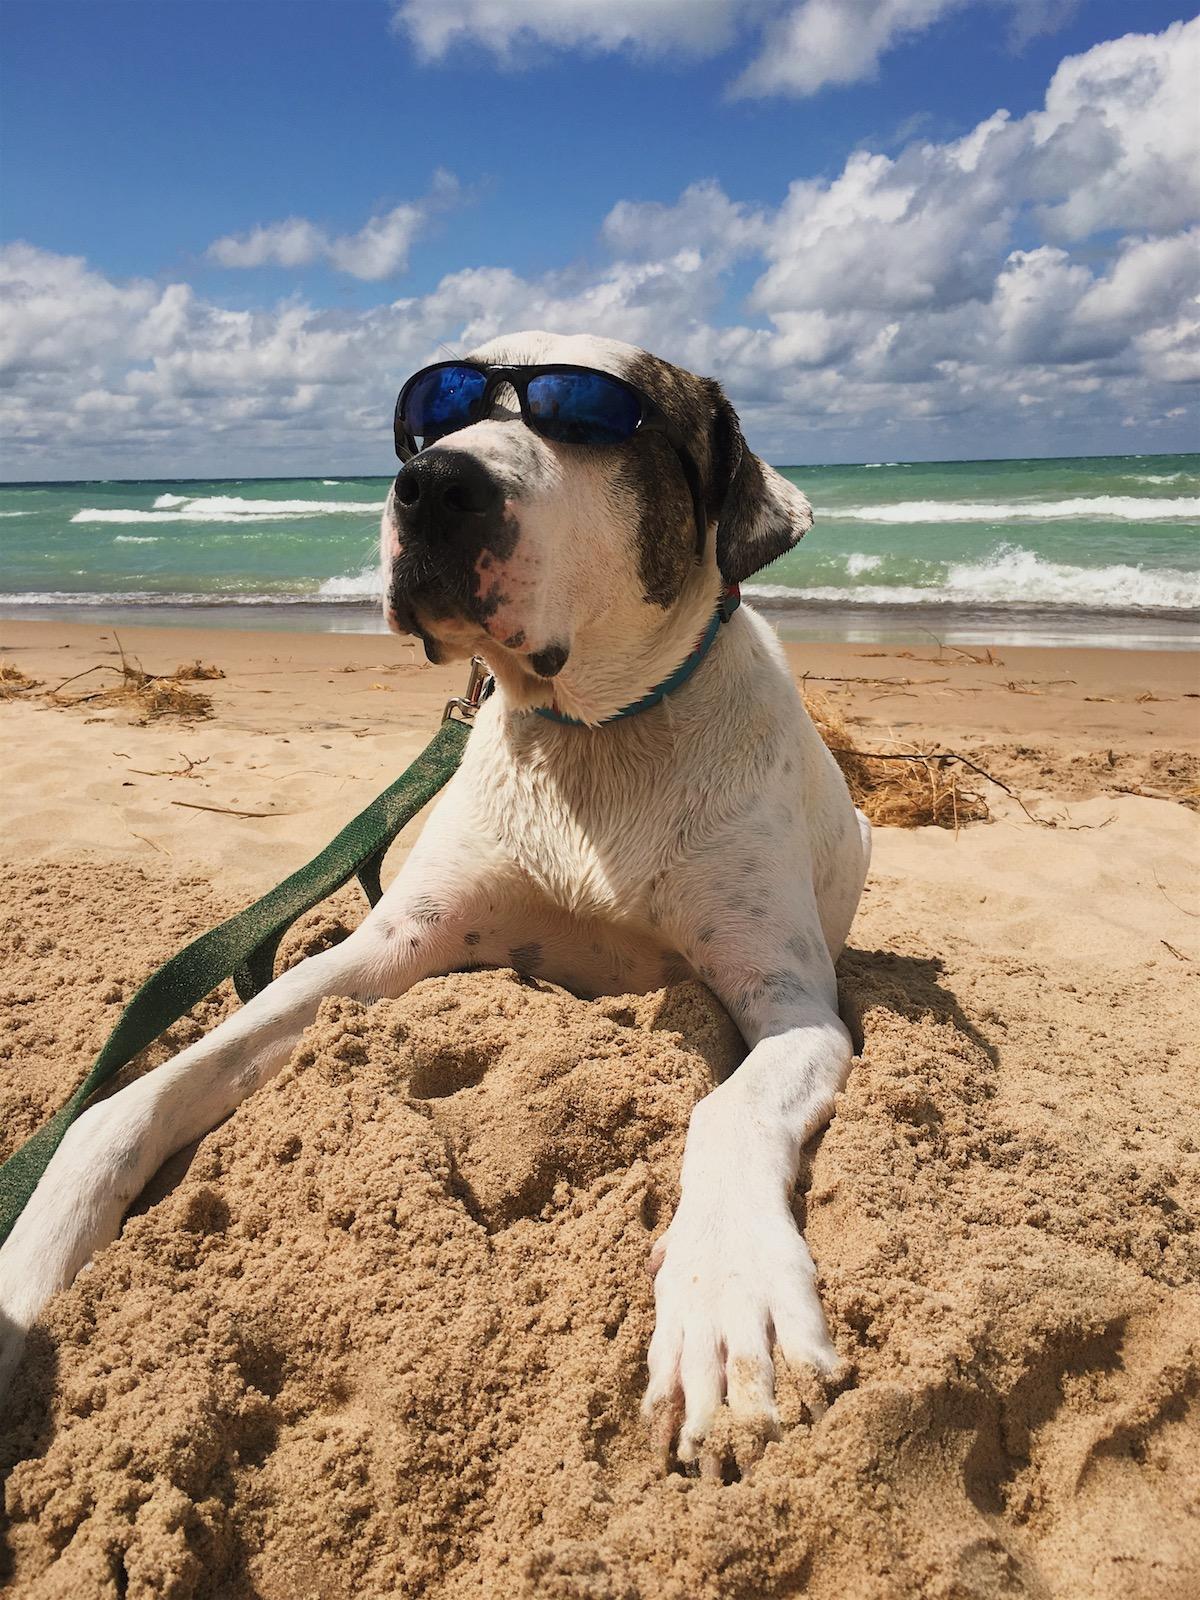 Marley on the beach